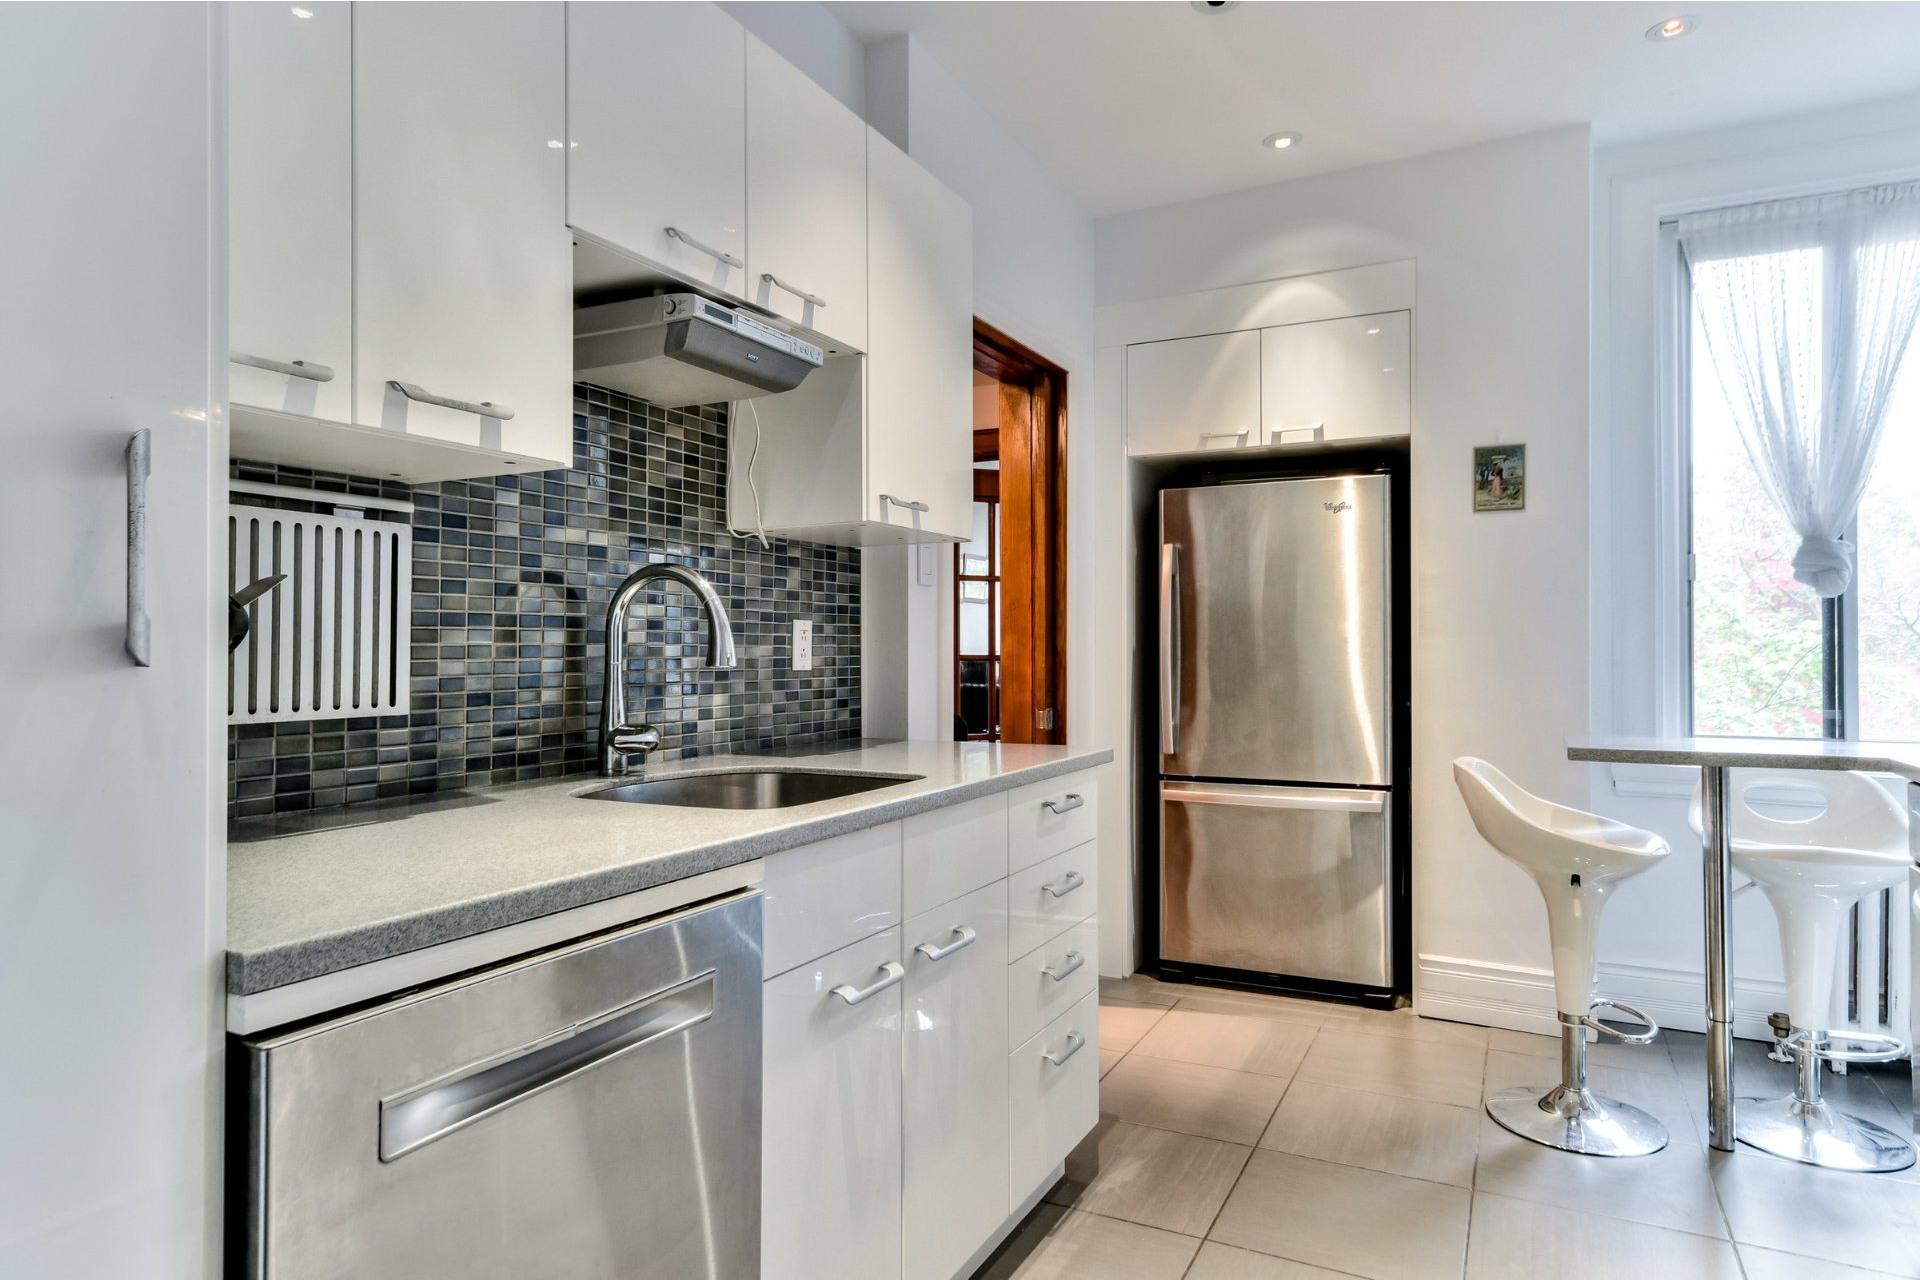 image 12 - Appartement À vendre Outremont Montréal  - 7 pièces